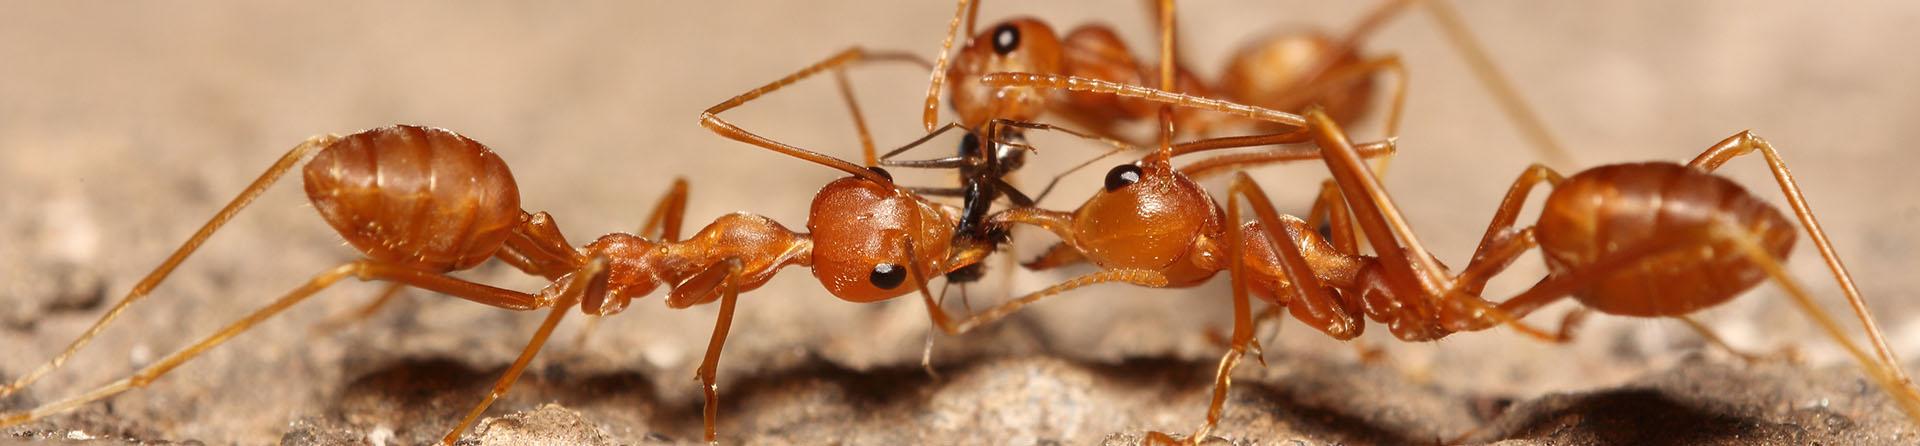 Ant Control Gilbert / Phoenix Metro